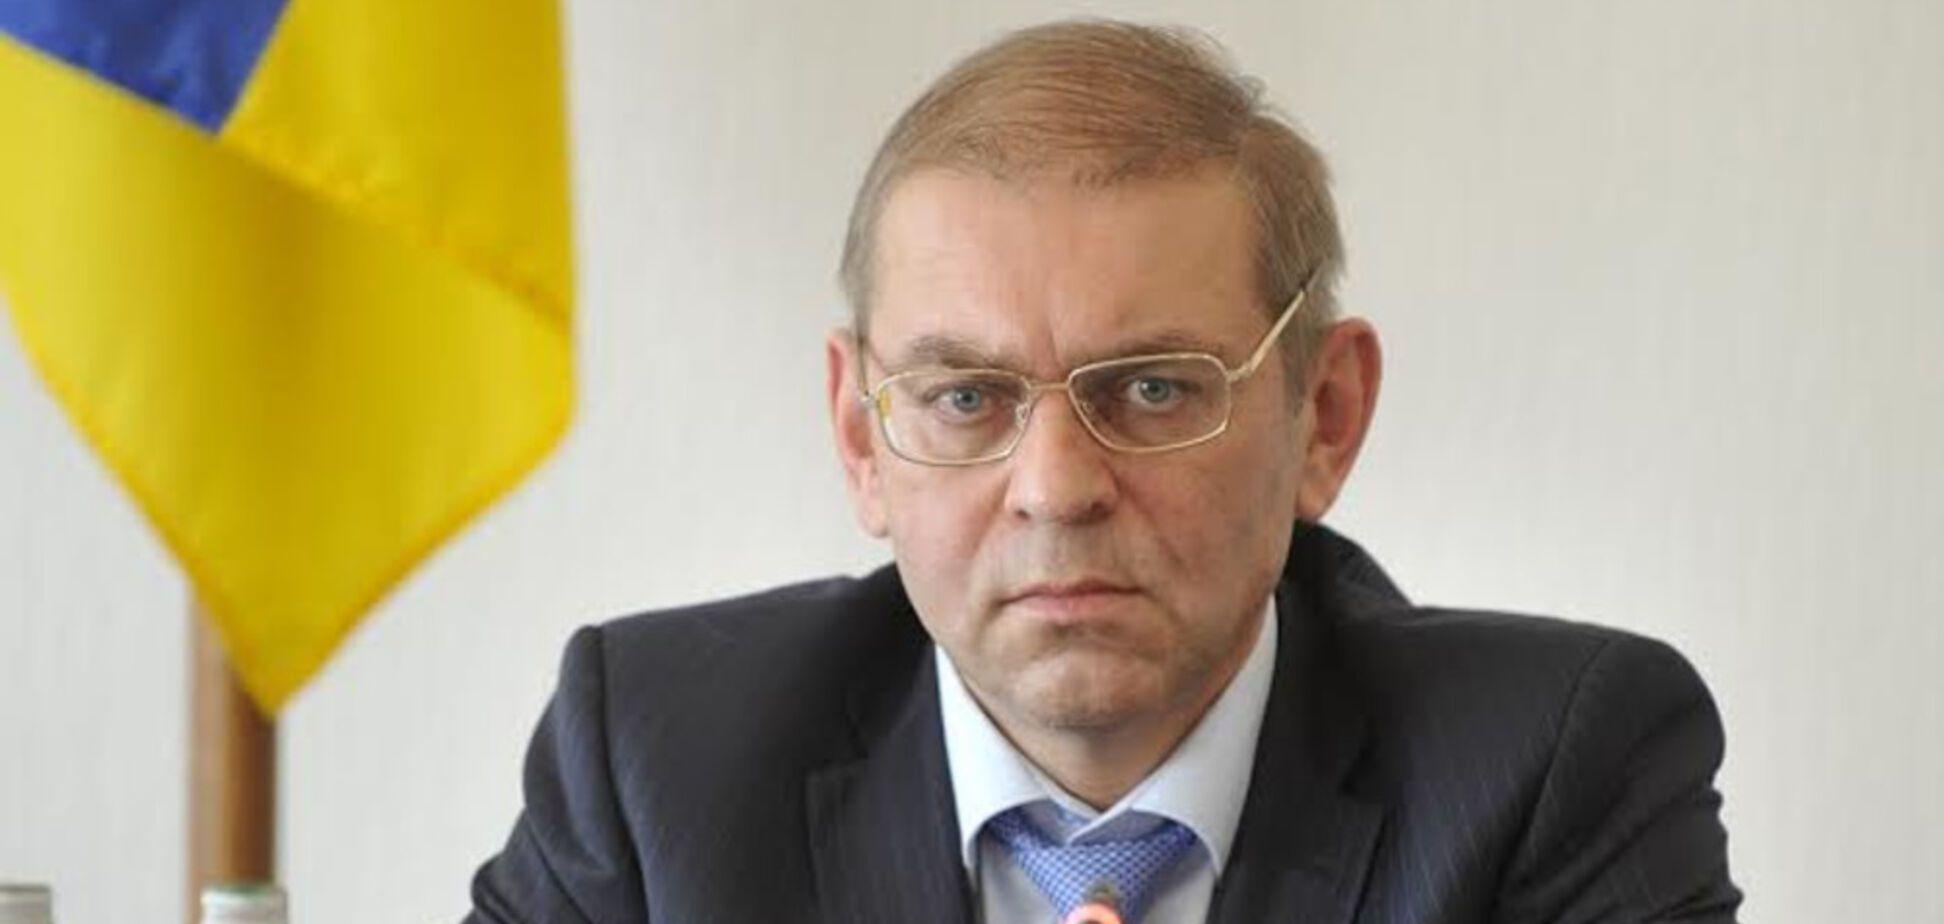 Наливайченко у 2014 році не виконав завдання з розблокування Луганського управління СБУ - Пашинський